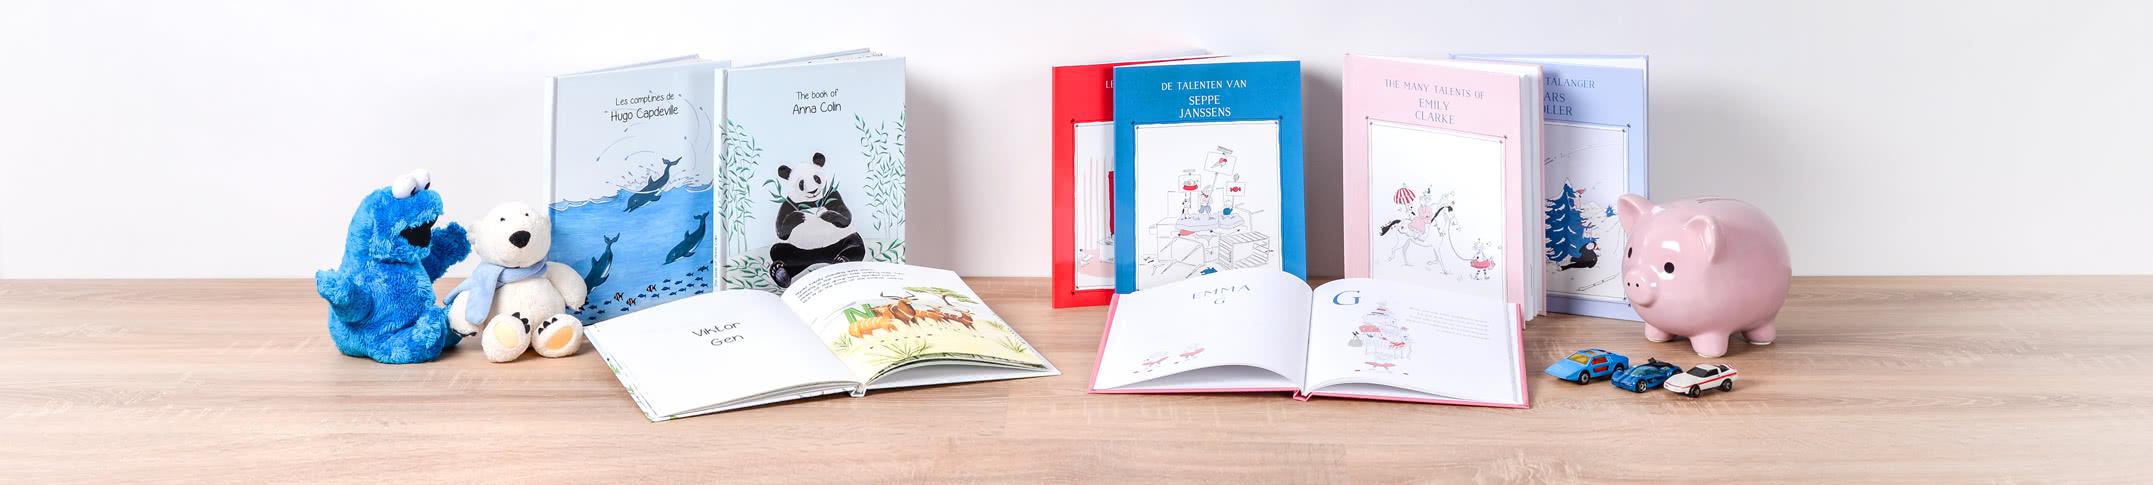 MyNameBook - Boken som gör ditt barn till huvudpersonen i sin egen saga!